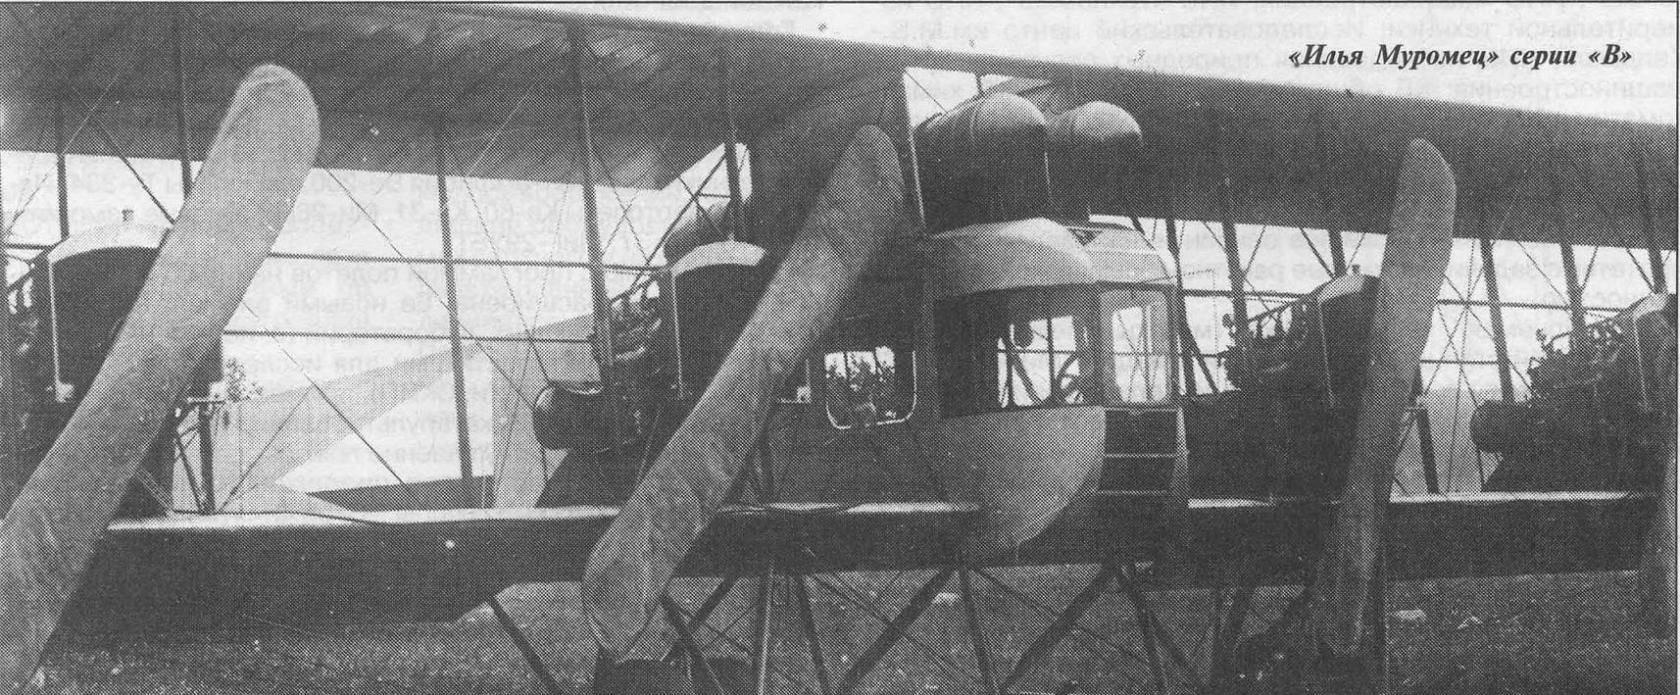 Легендарный бомбардировщик российской империи «илья муромец»